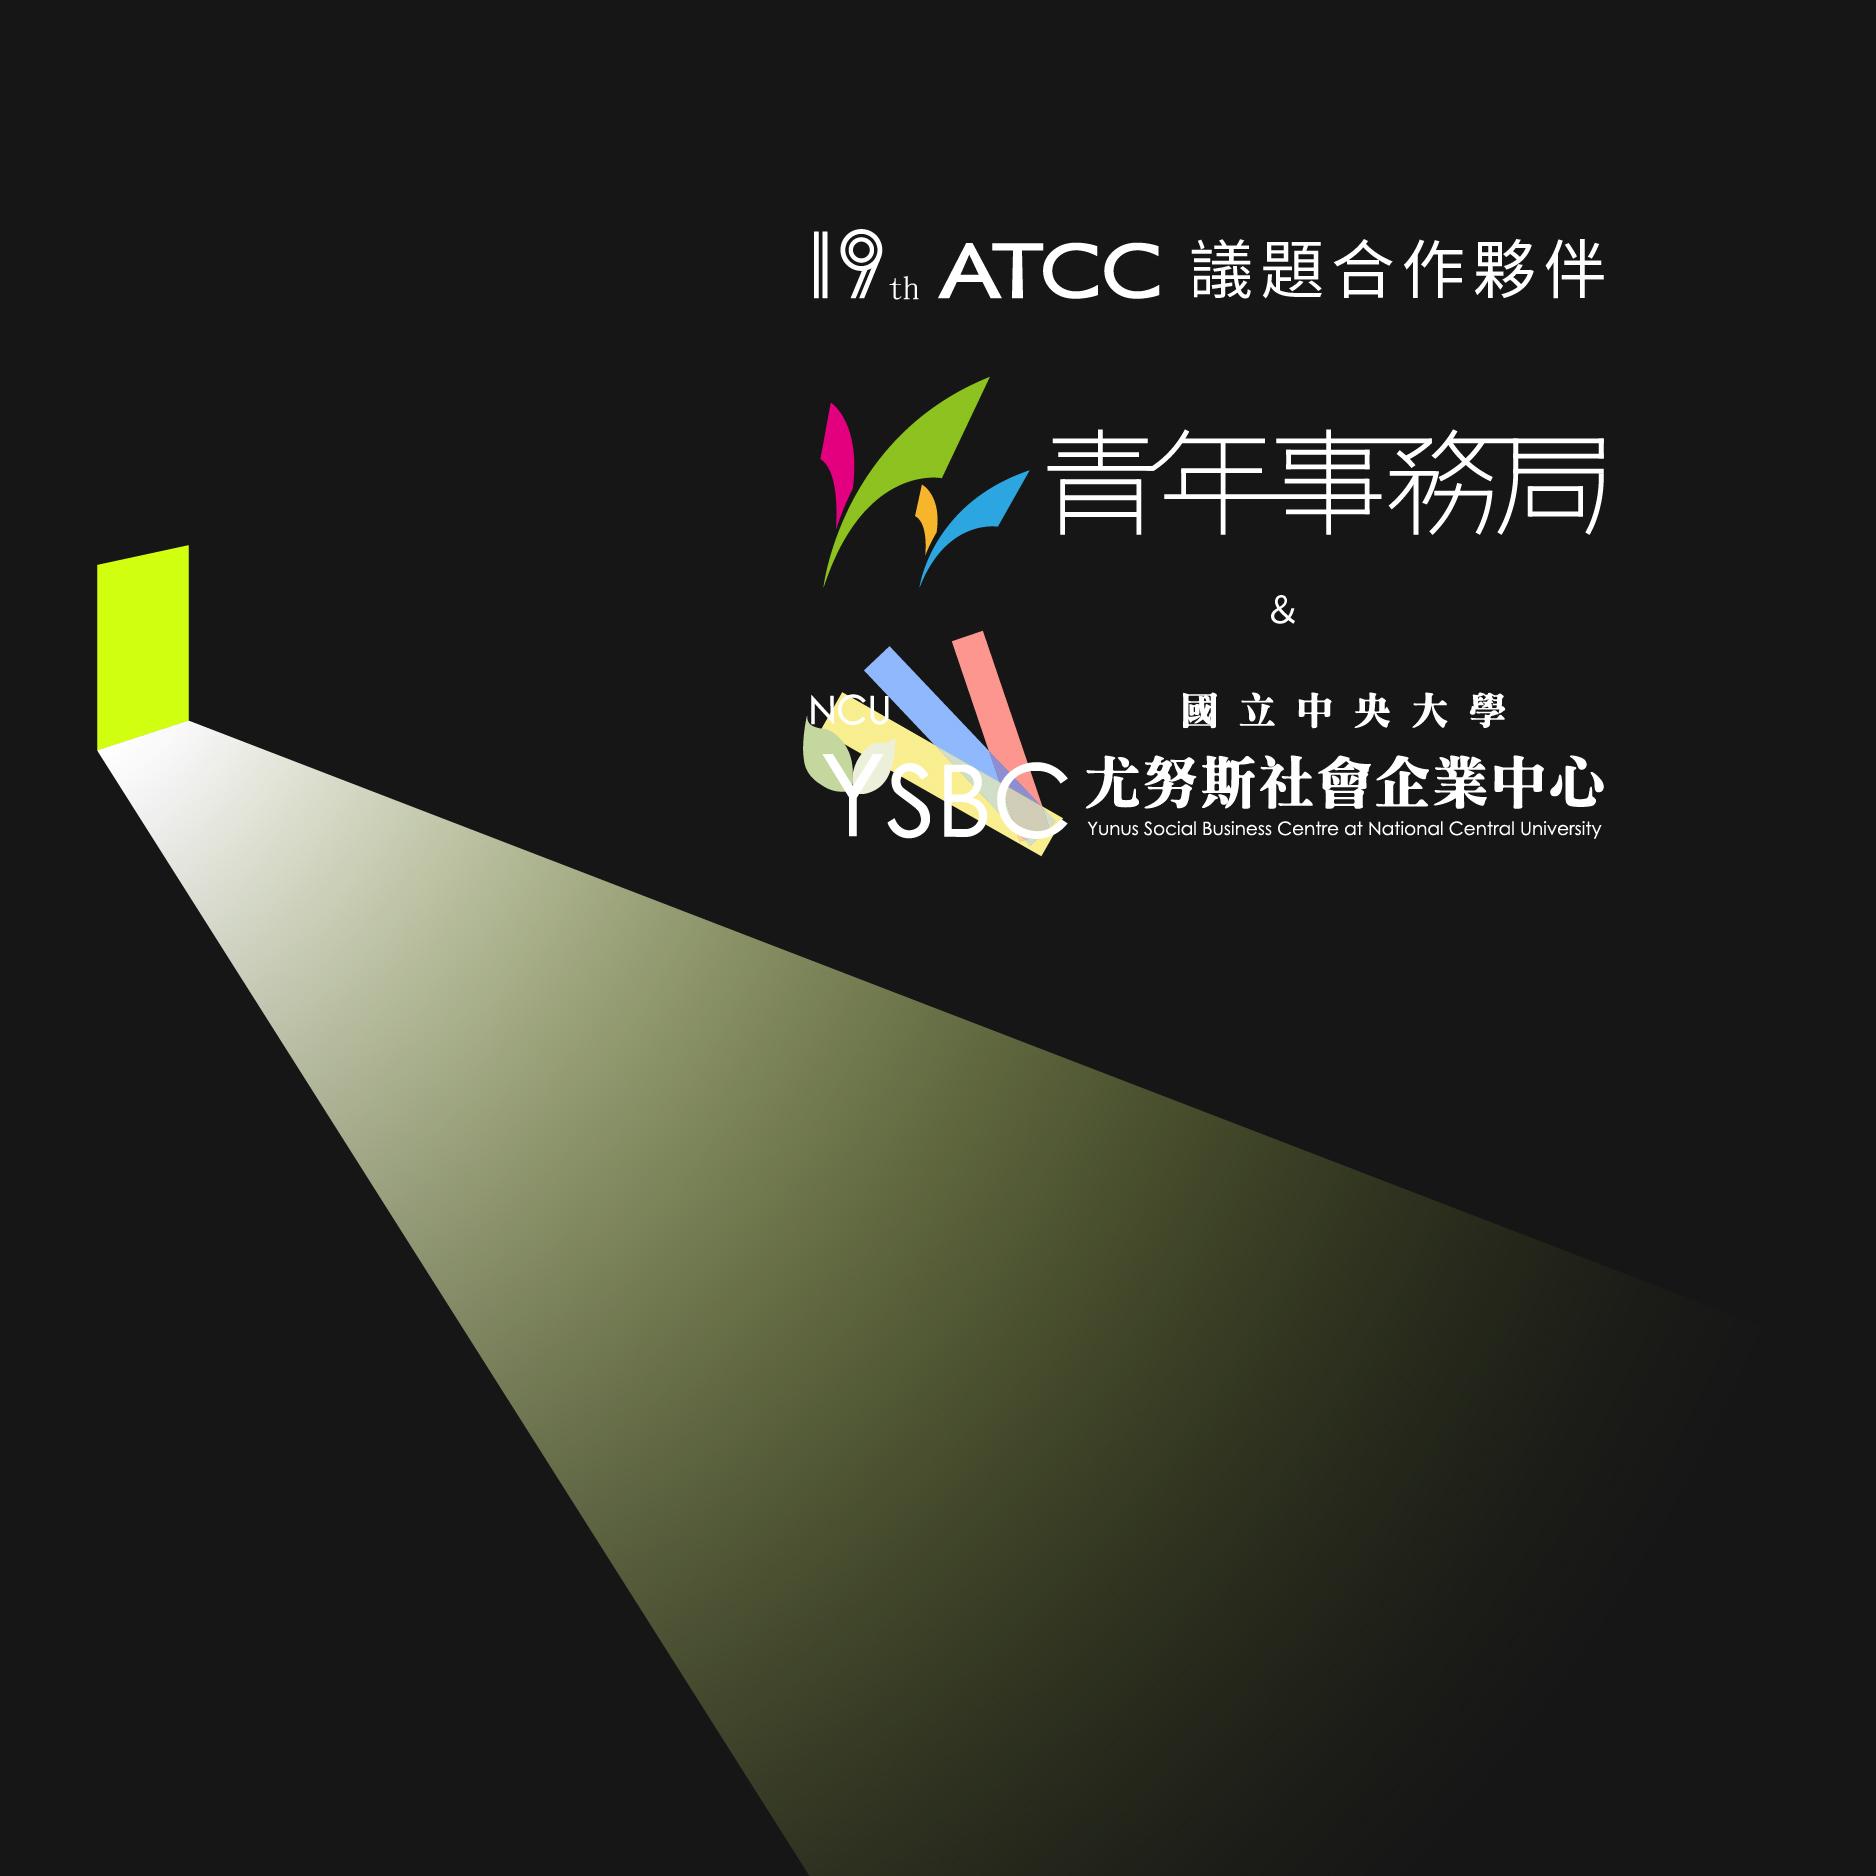 【活動宣傳】ATCC說明會